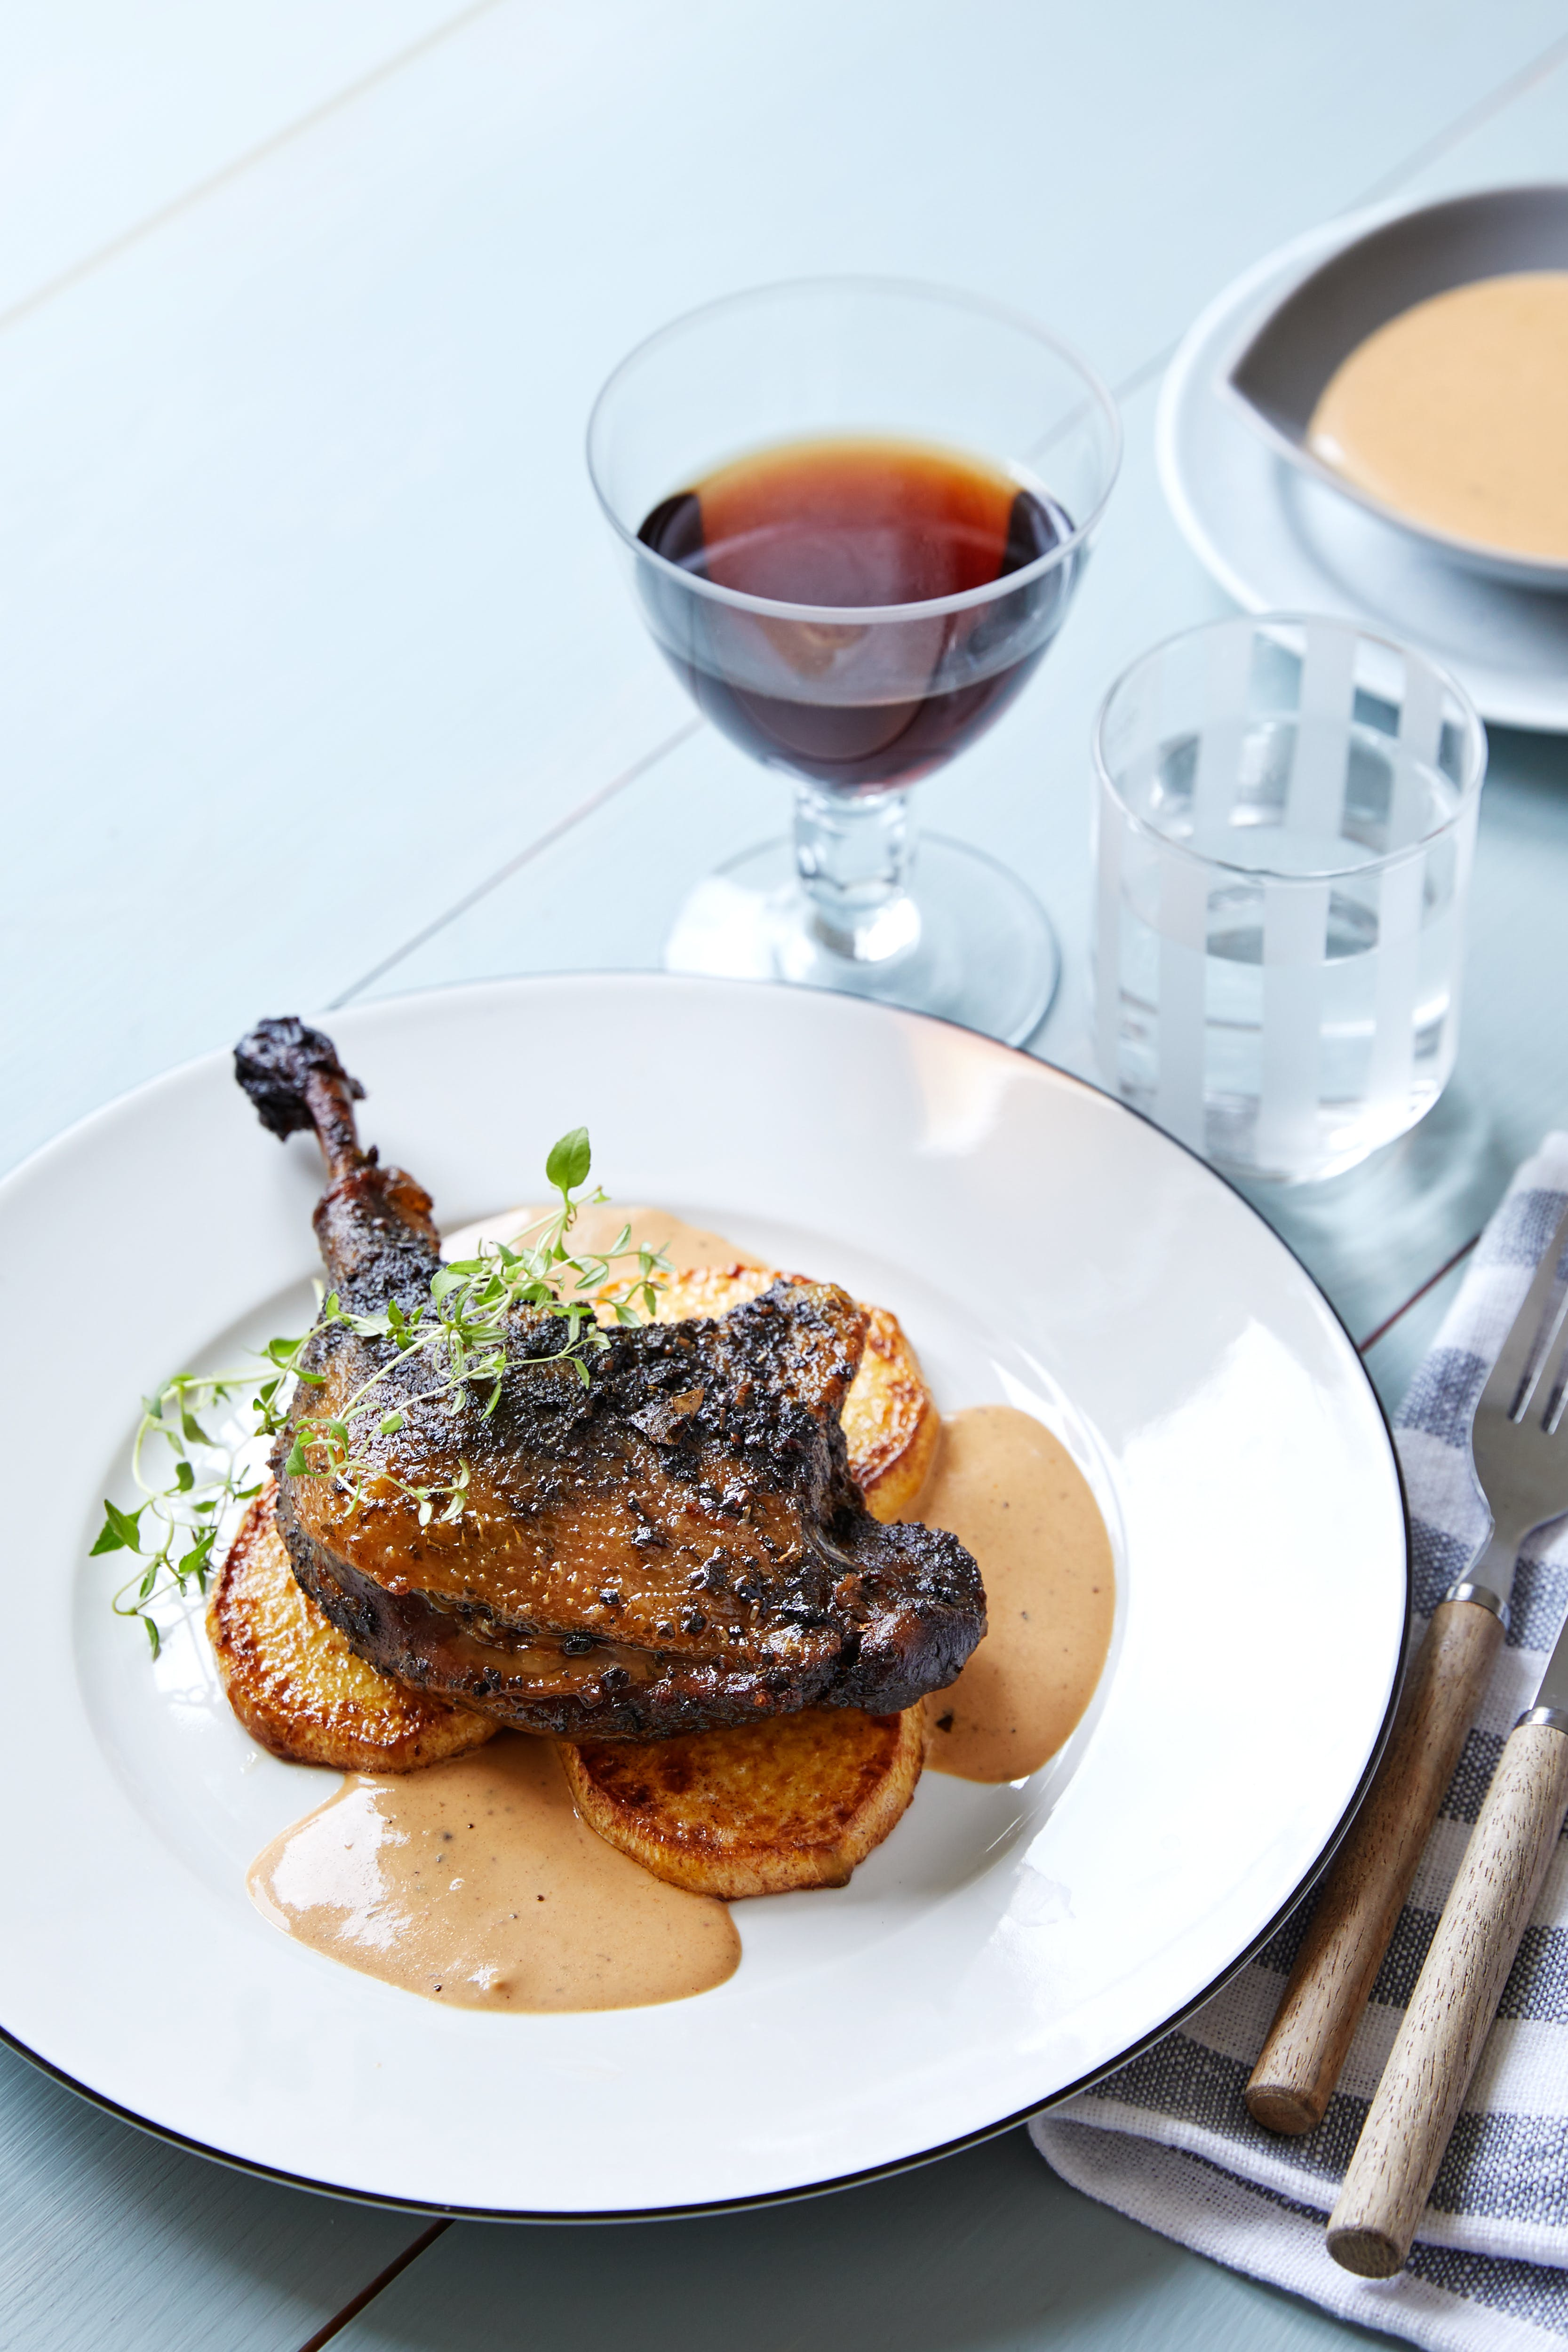 Confit de pato con colinabo asado y salsa balsámica